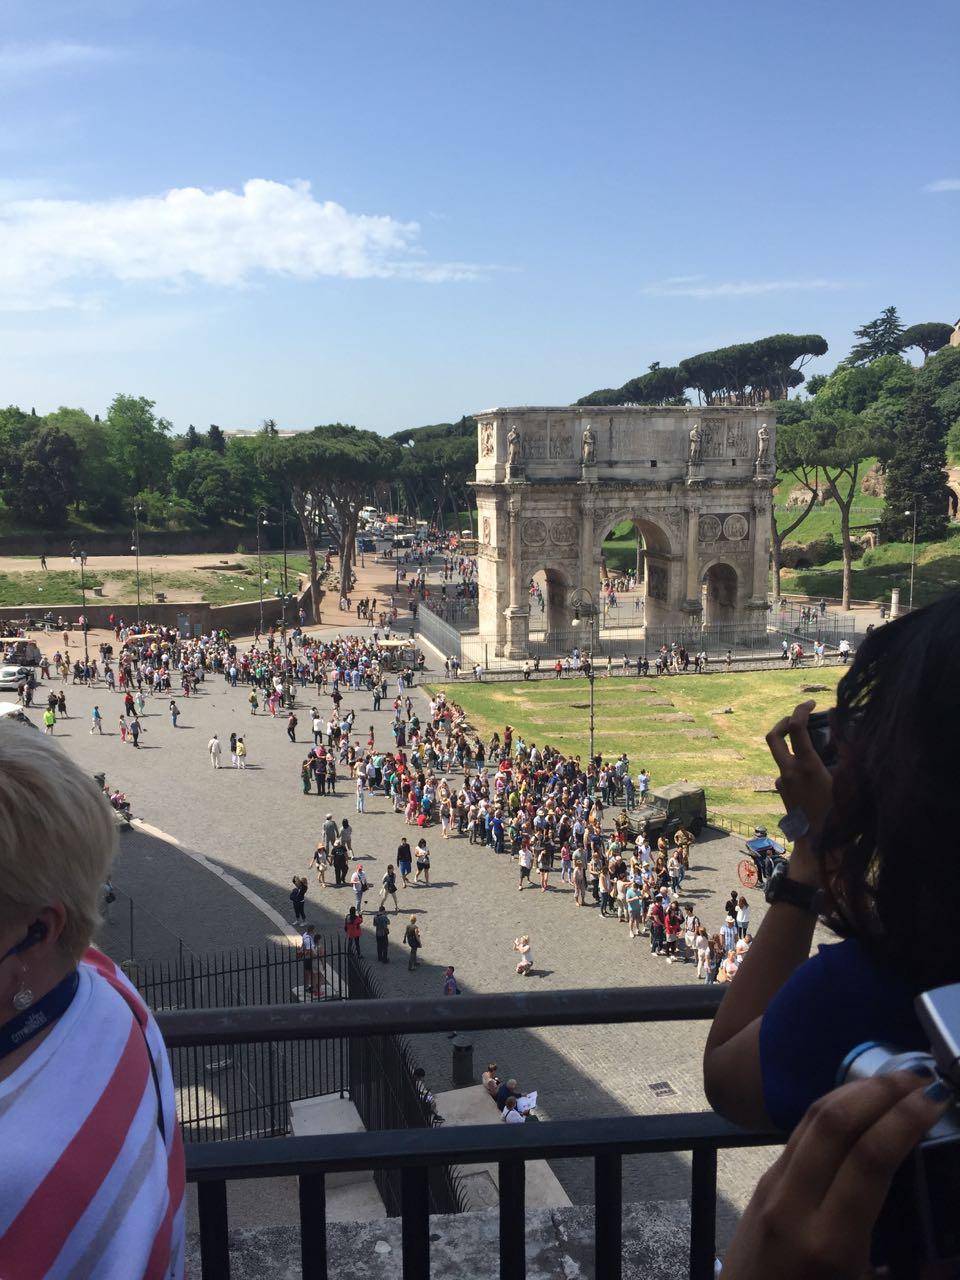 1FT Rome Italy - Campitelli - Lazio, May 20, 2015 - 6 of 75